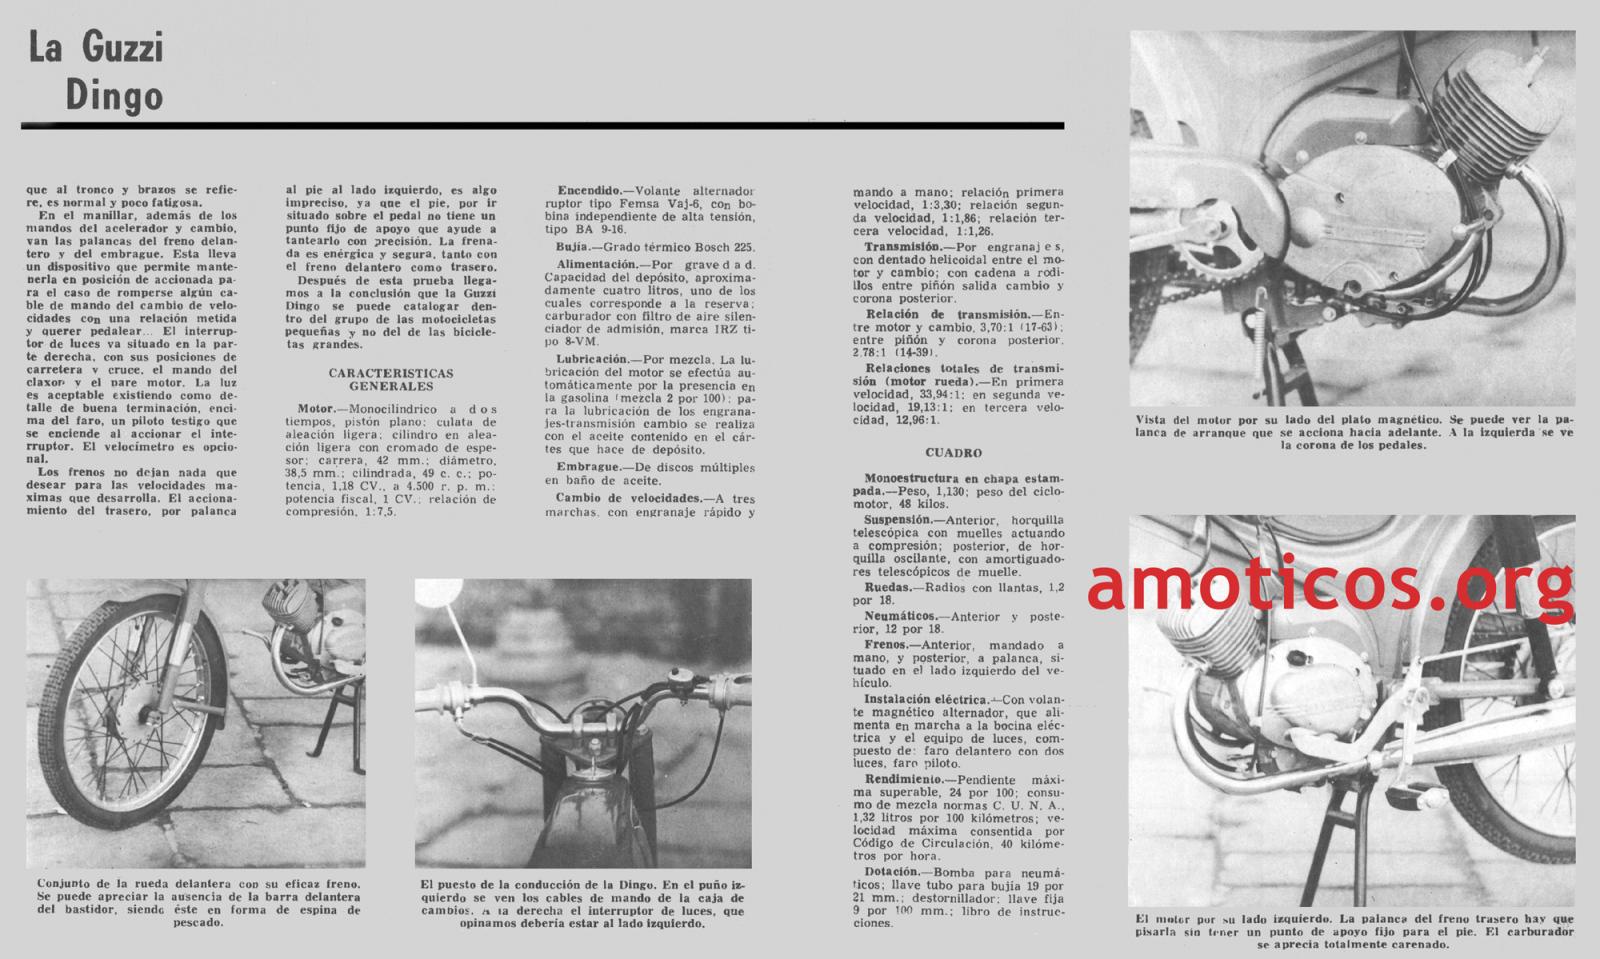 Prueba Guzzi Dingo 49 - 1966 R8v5hy